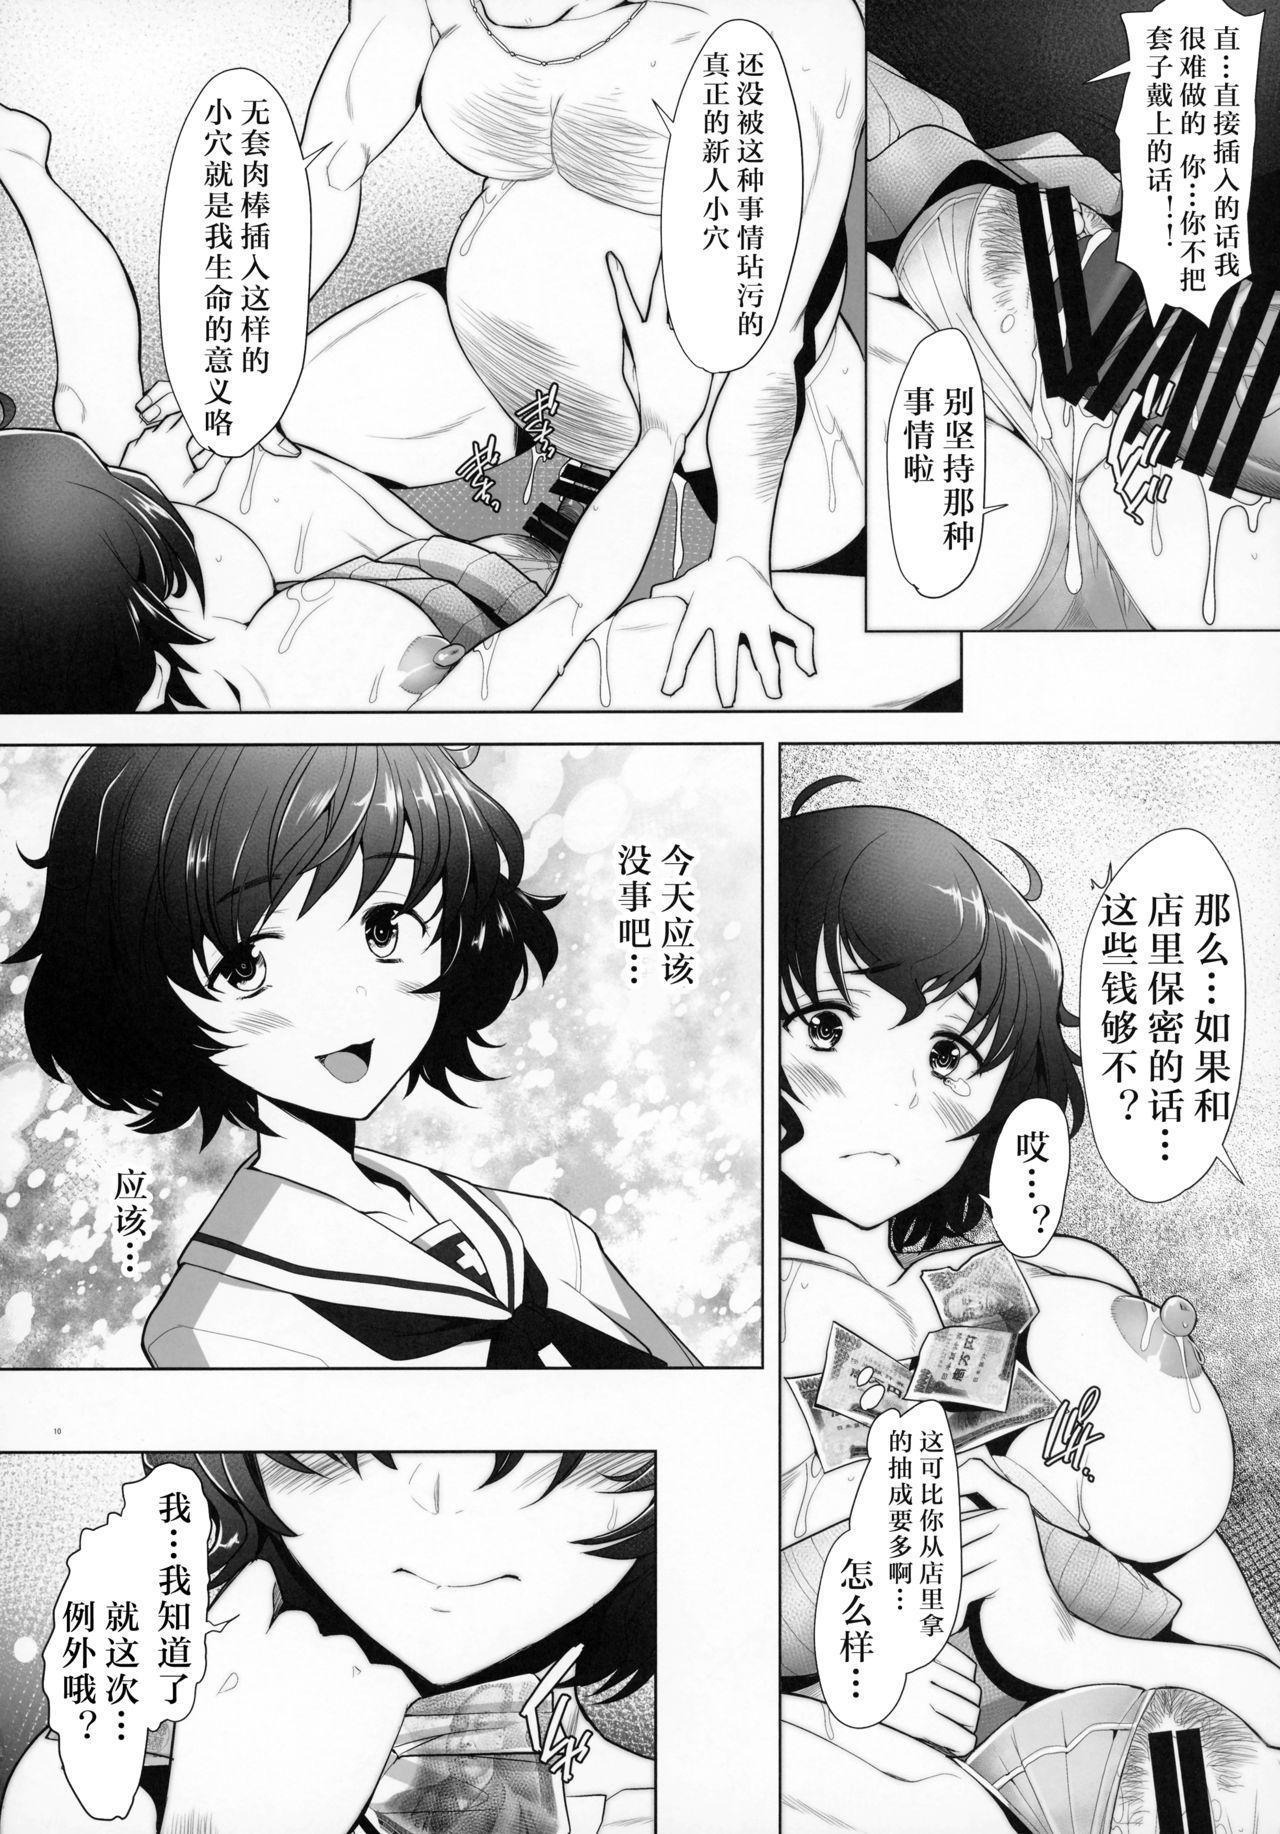 Rihatsuten no Bijin Hitozuma ga Wakeari de Soapland ni Tsutomeru Koto ni Narimashita Hatsushukkin Hen 8